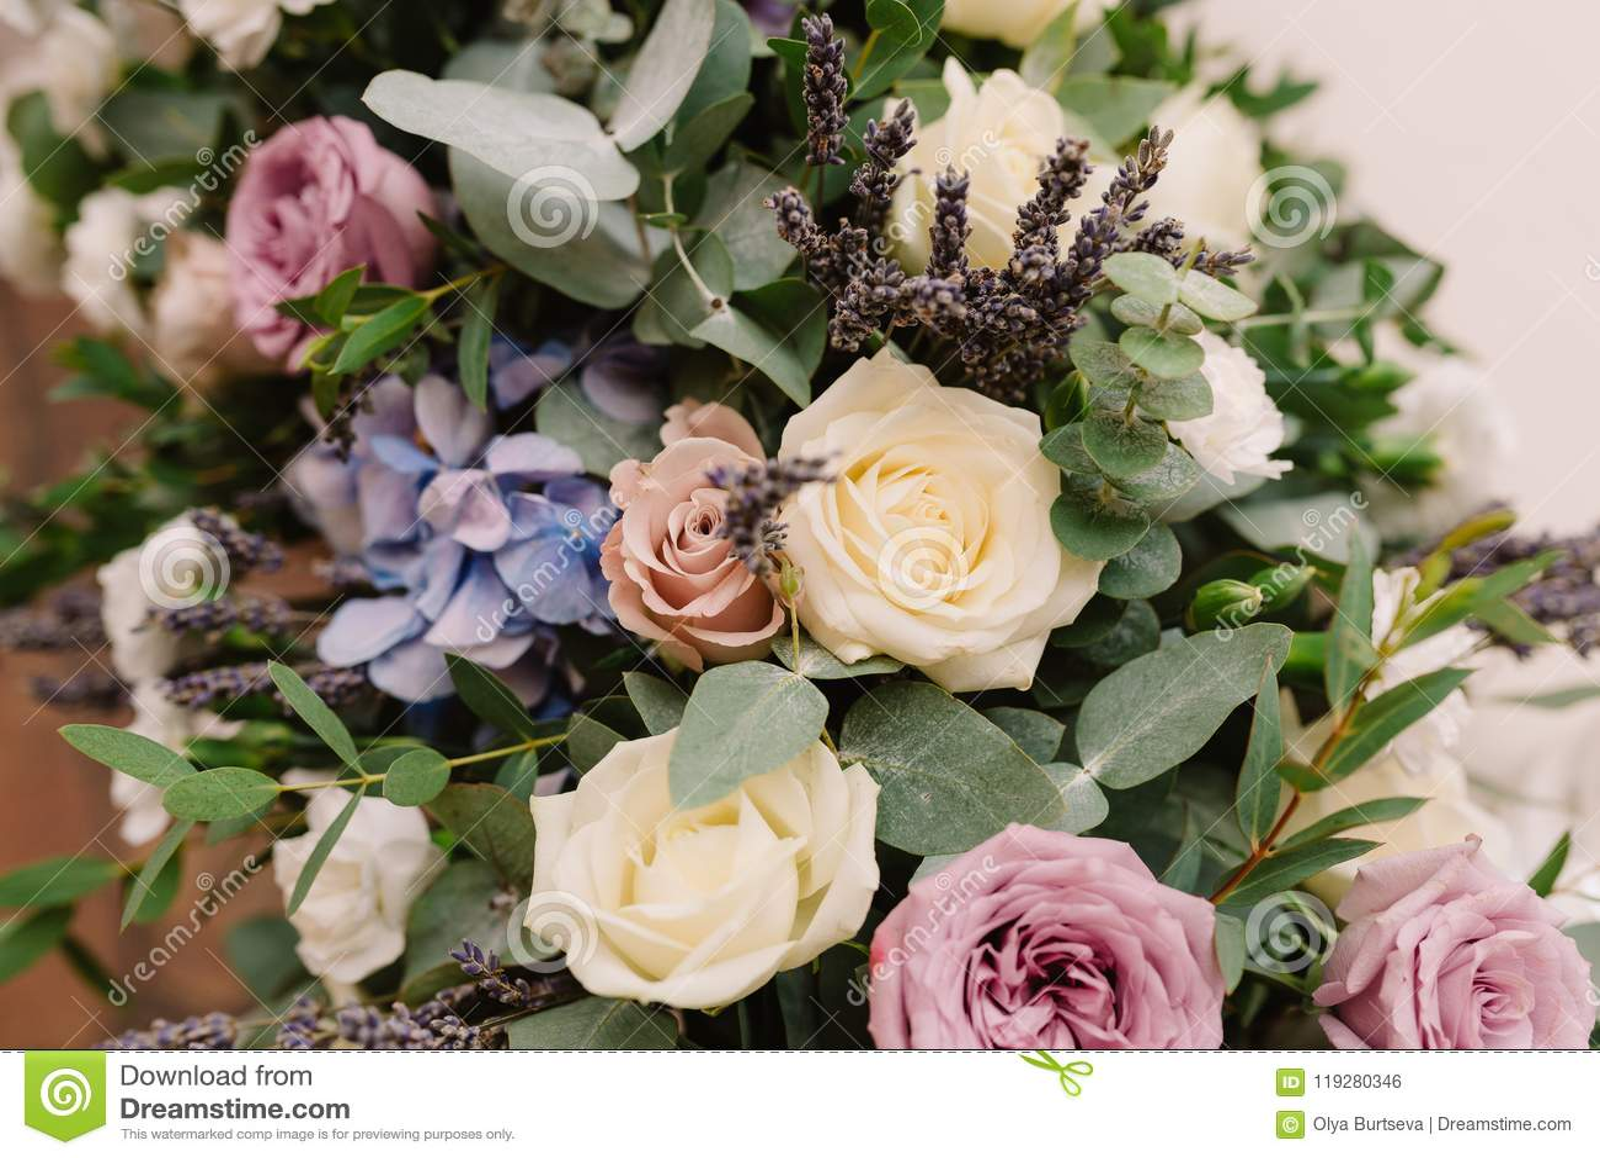 Es Muchas Flores Y Rosas Hermosas Foto De Archivo Imagen De